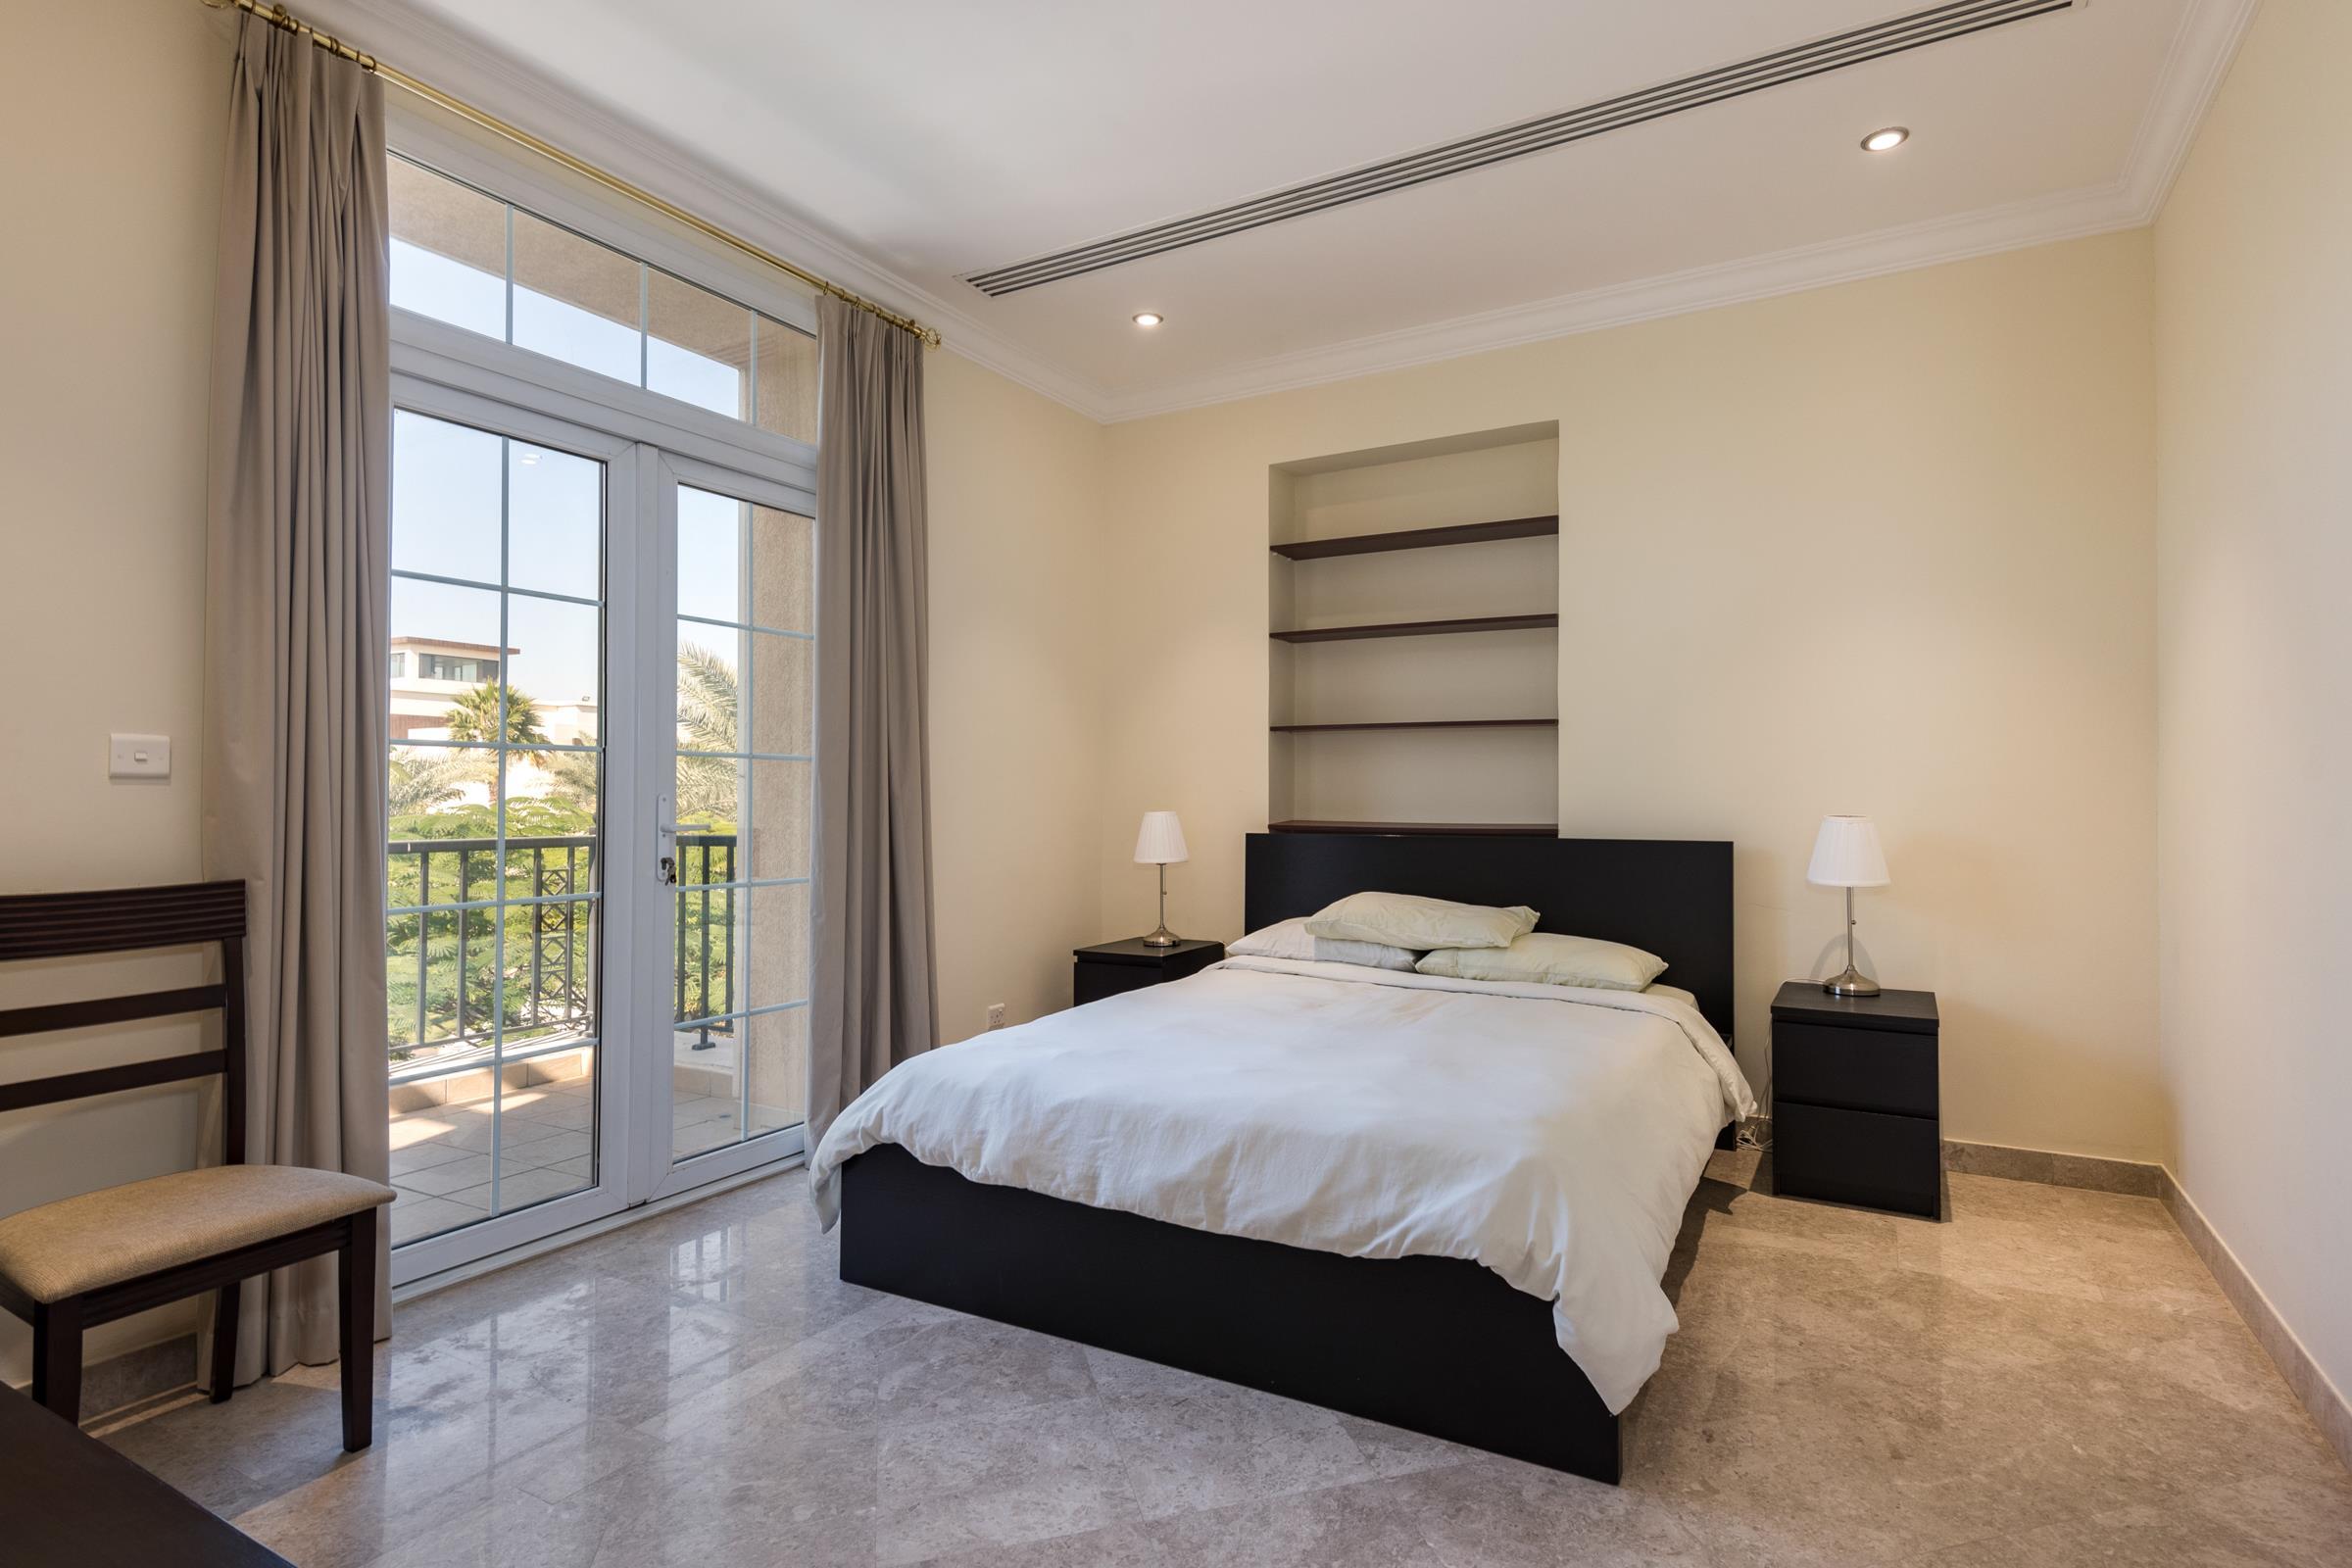 Lowest Price 6 BR villa in Emirates Hills